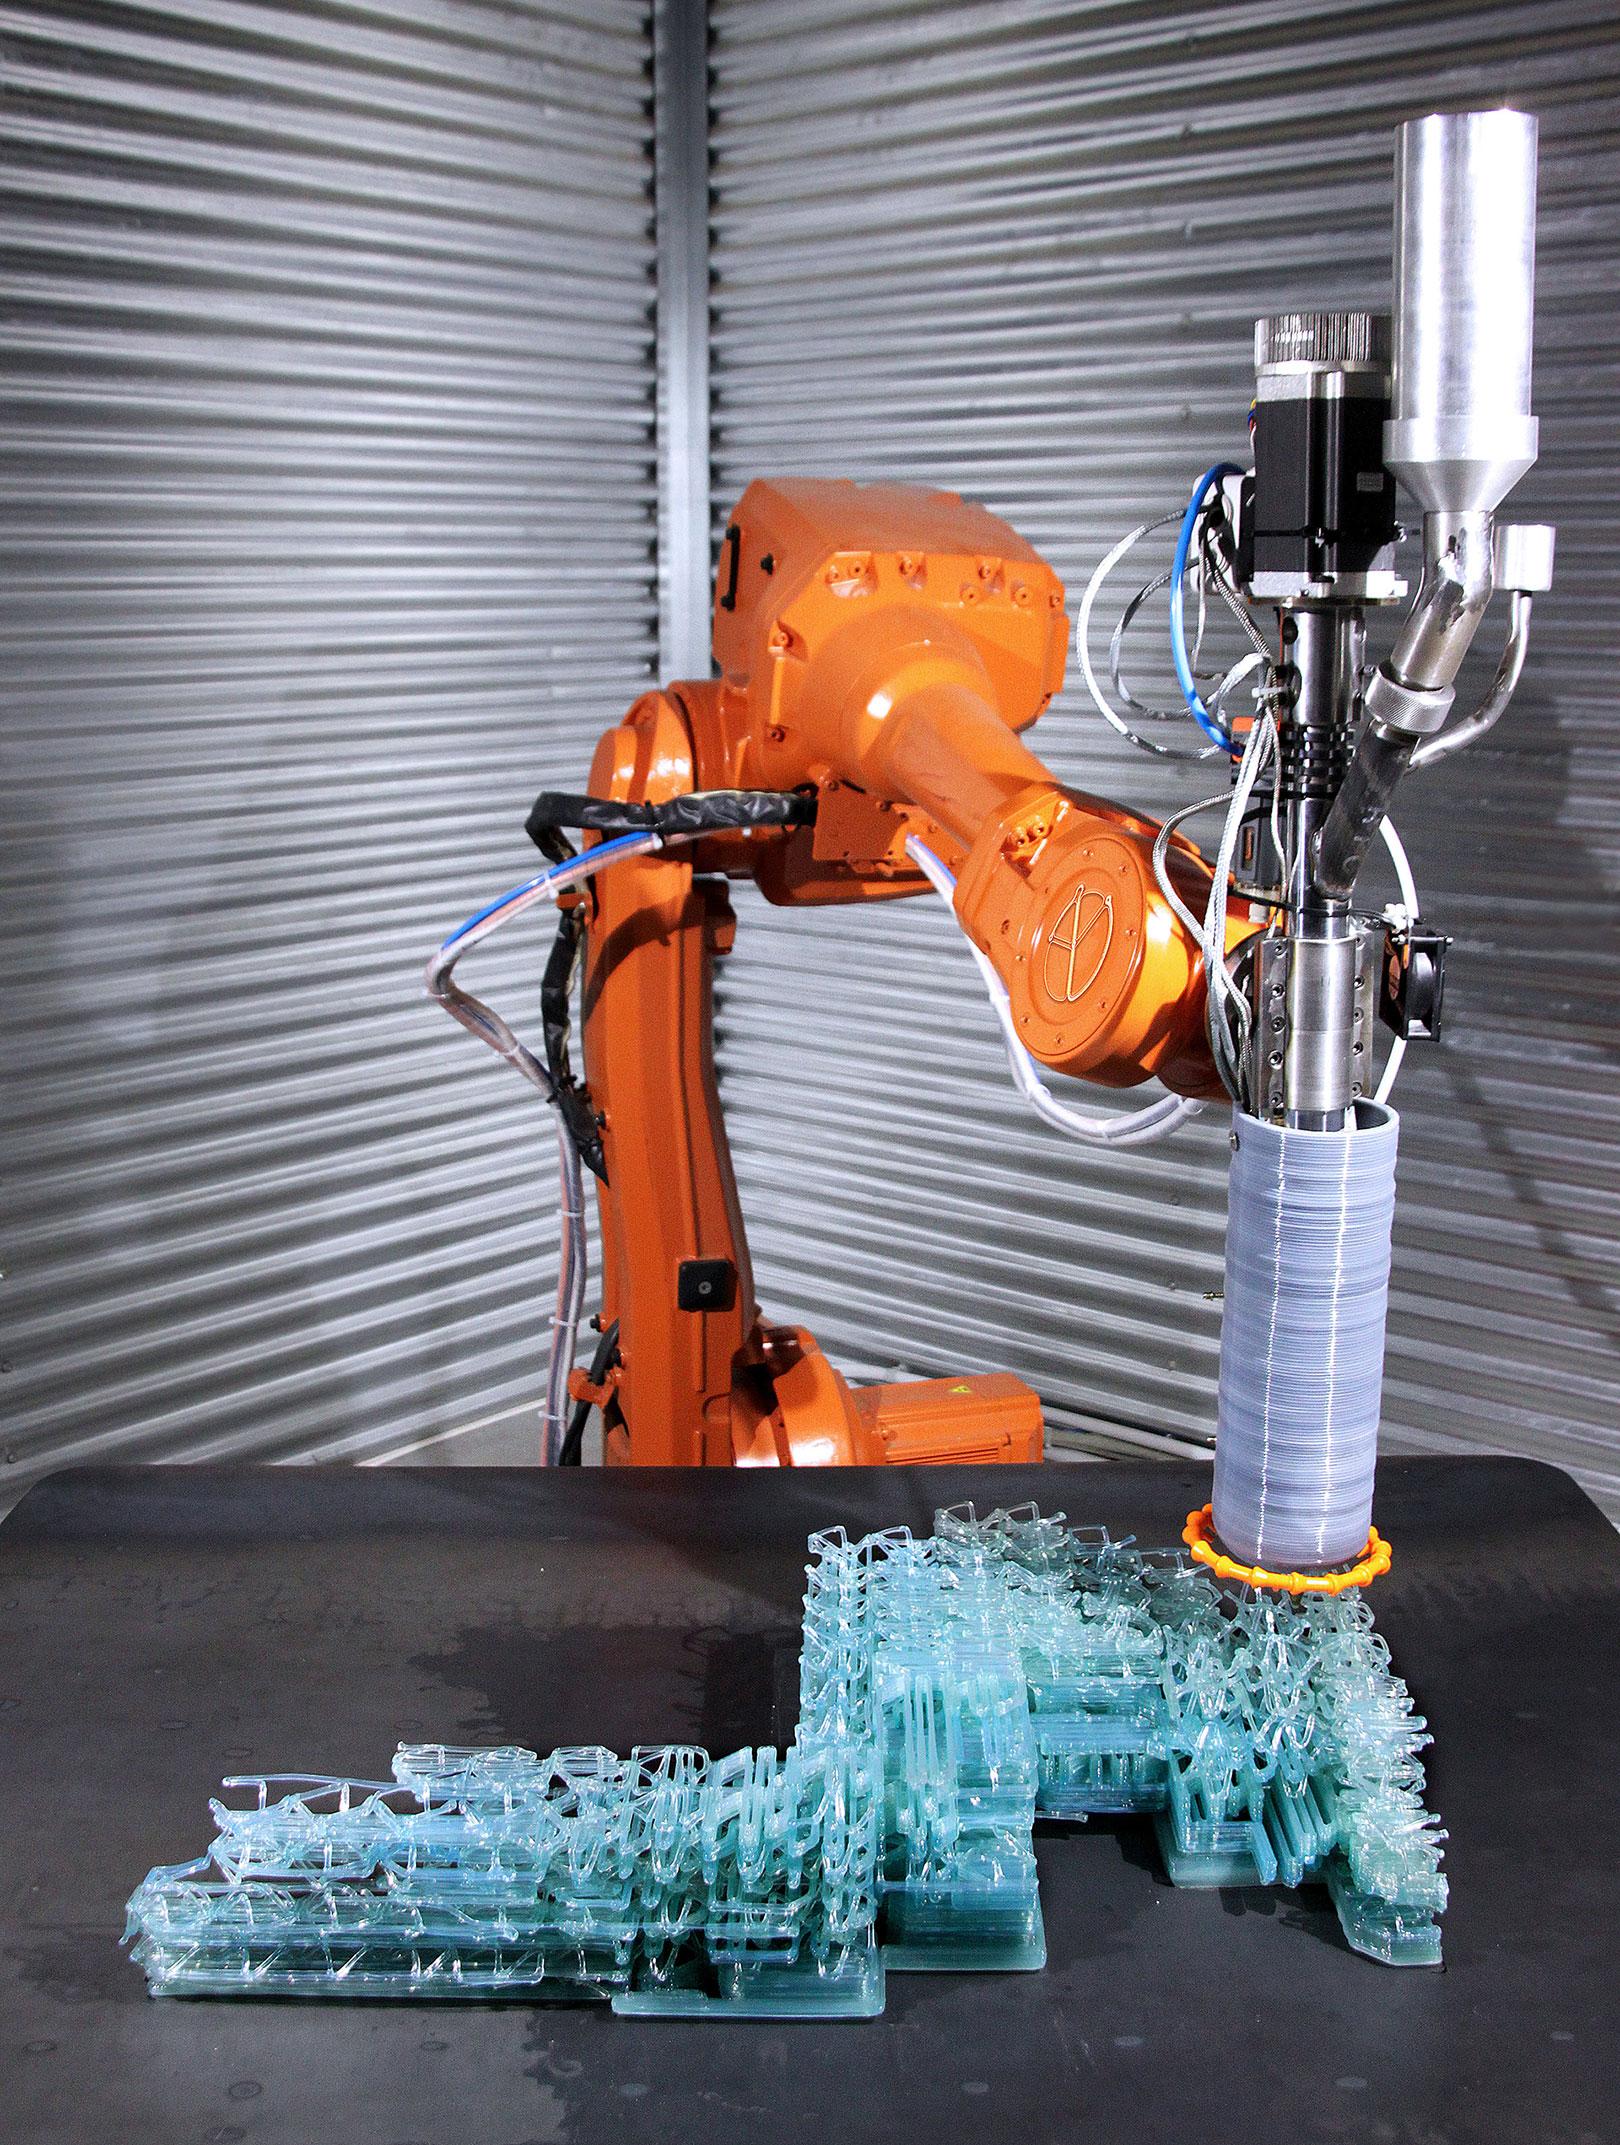 Die Designermöbel der Zukunft stammen aus dem 3D-Drucker